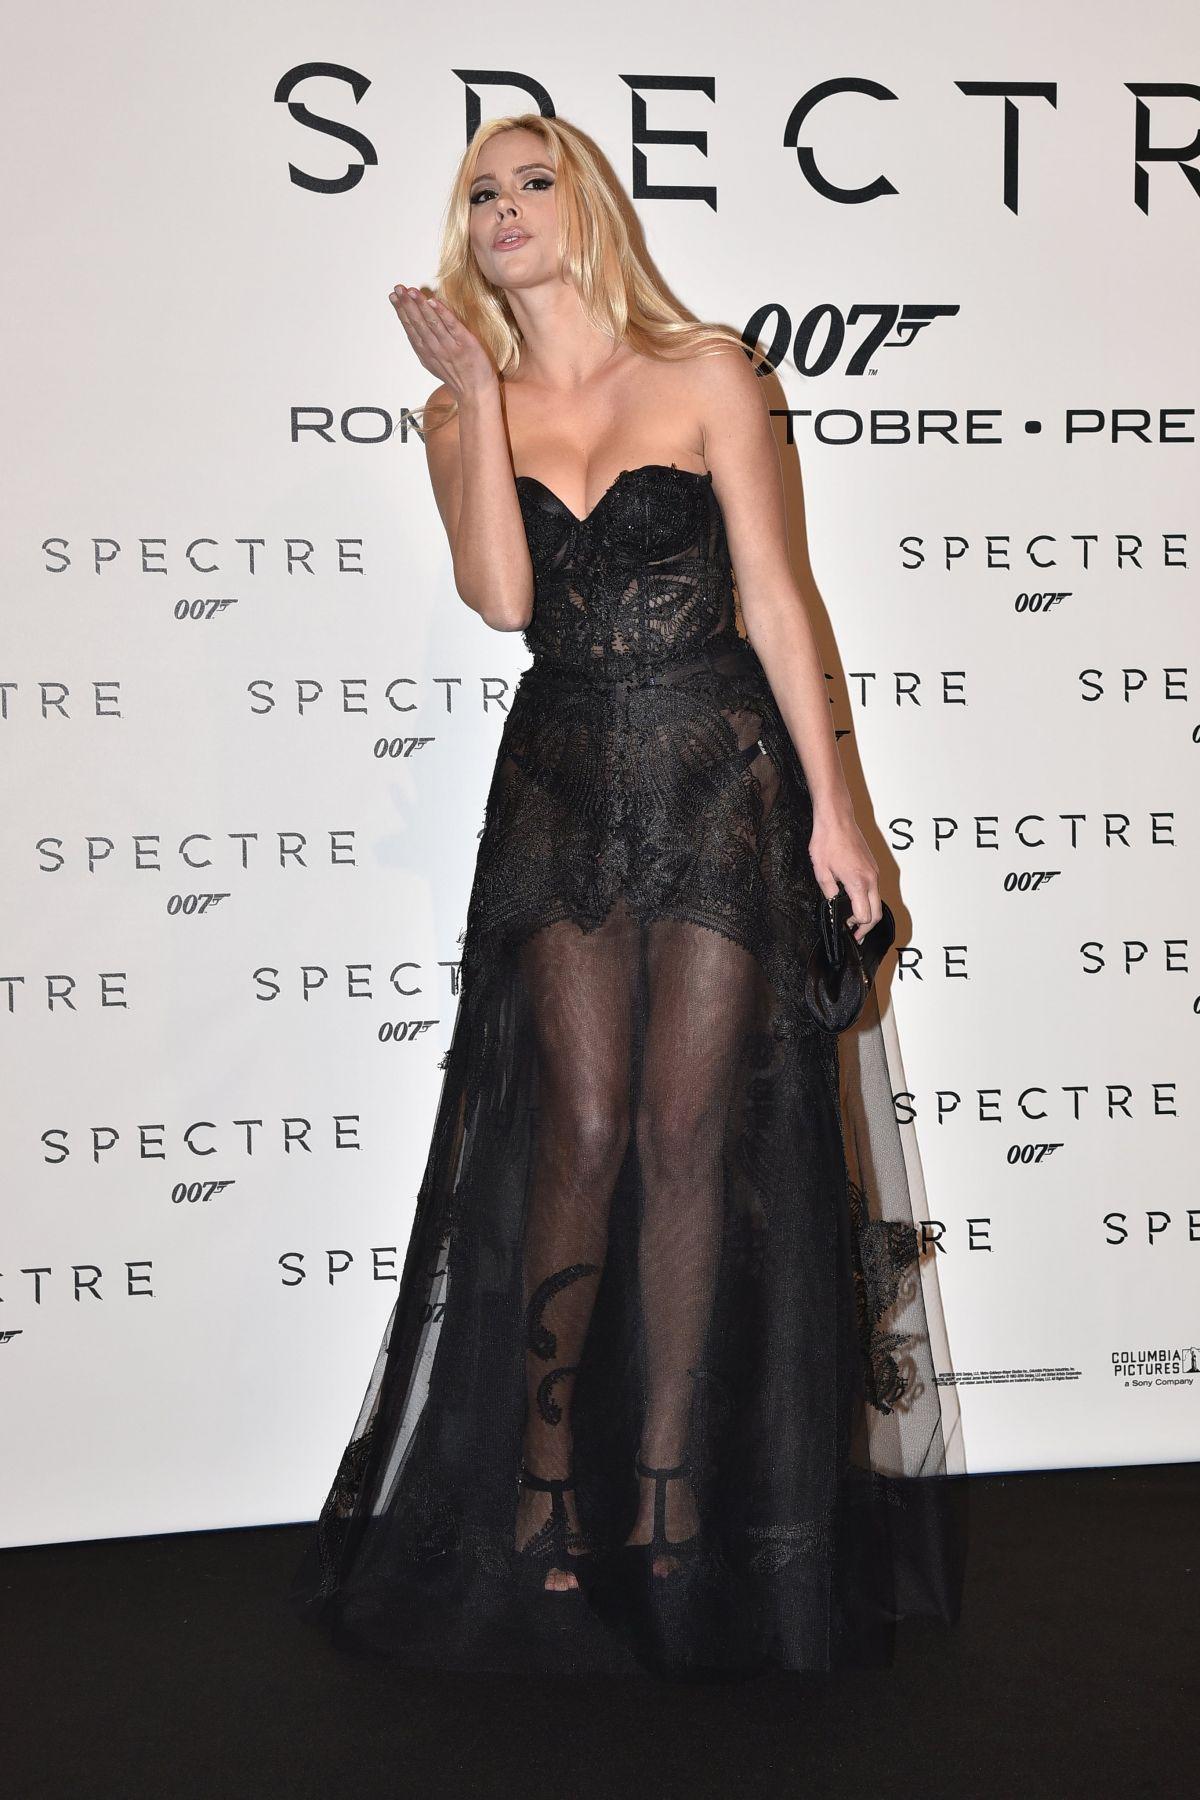 RIA ANTONIOU at Spectre Premiere in Rome 10/27/2015